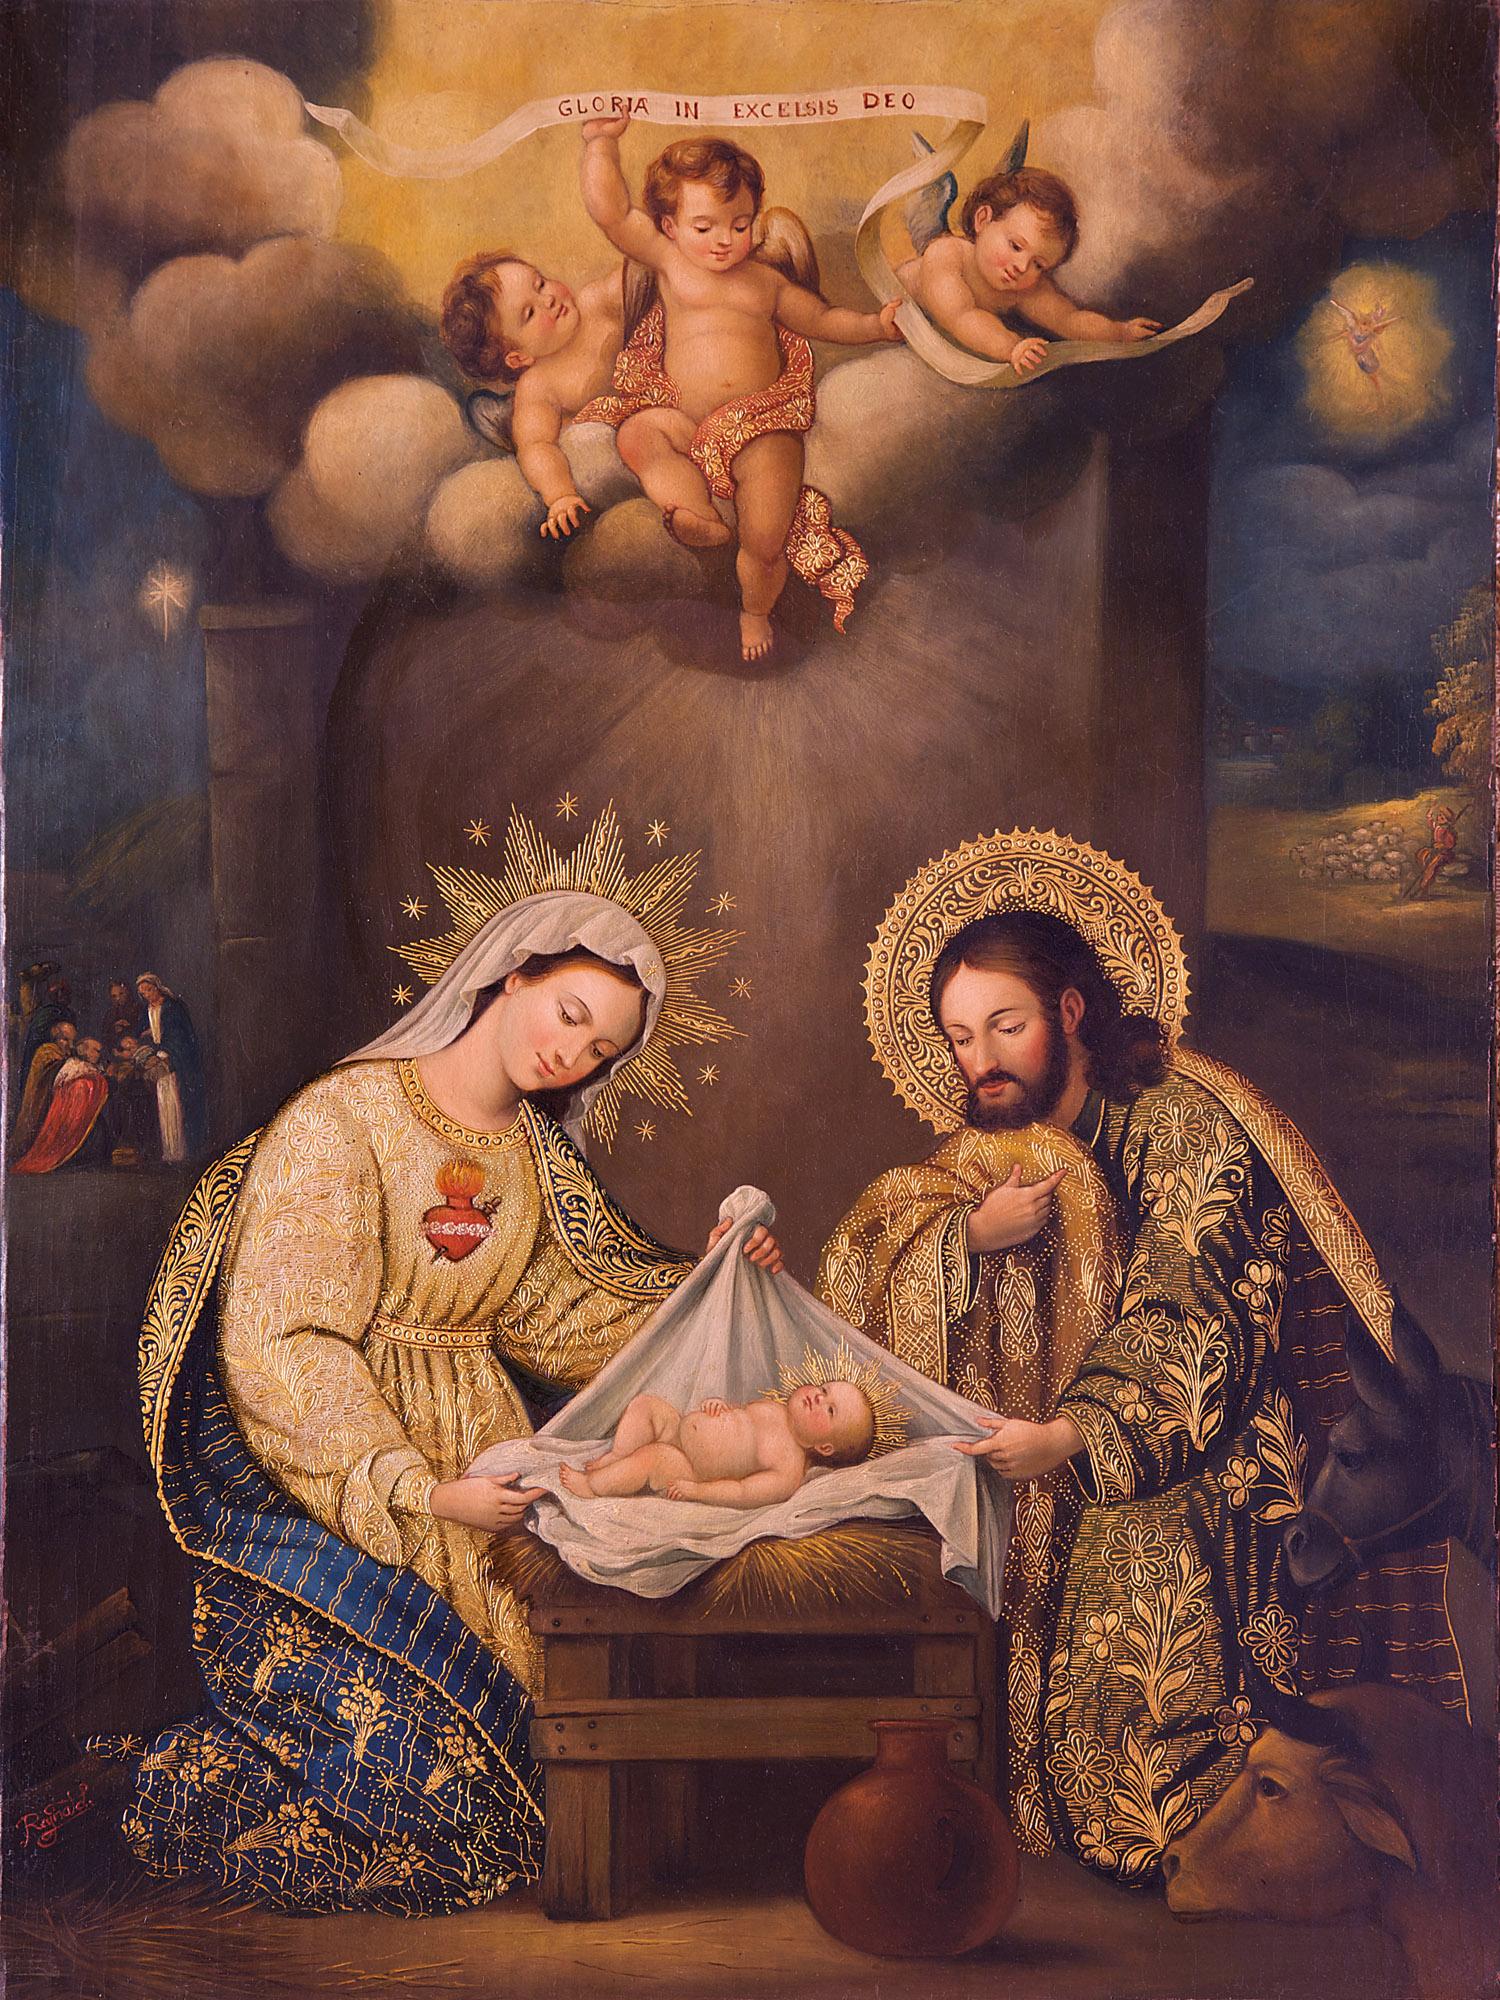 Imagenes Sagrada Familia Navidad.La Sagrada Familia Vivia Sujeto A Ellos Mvc